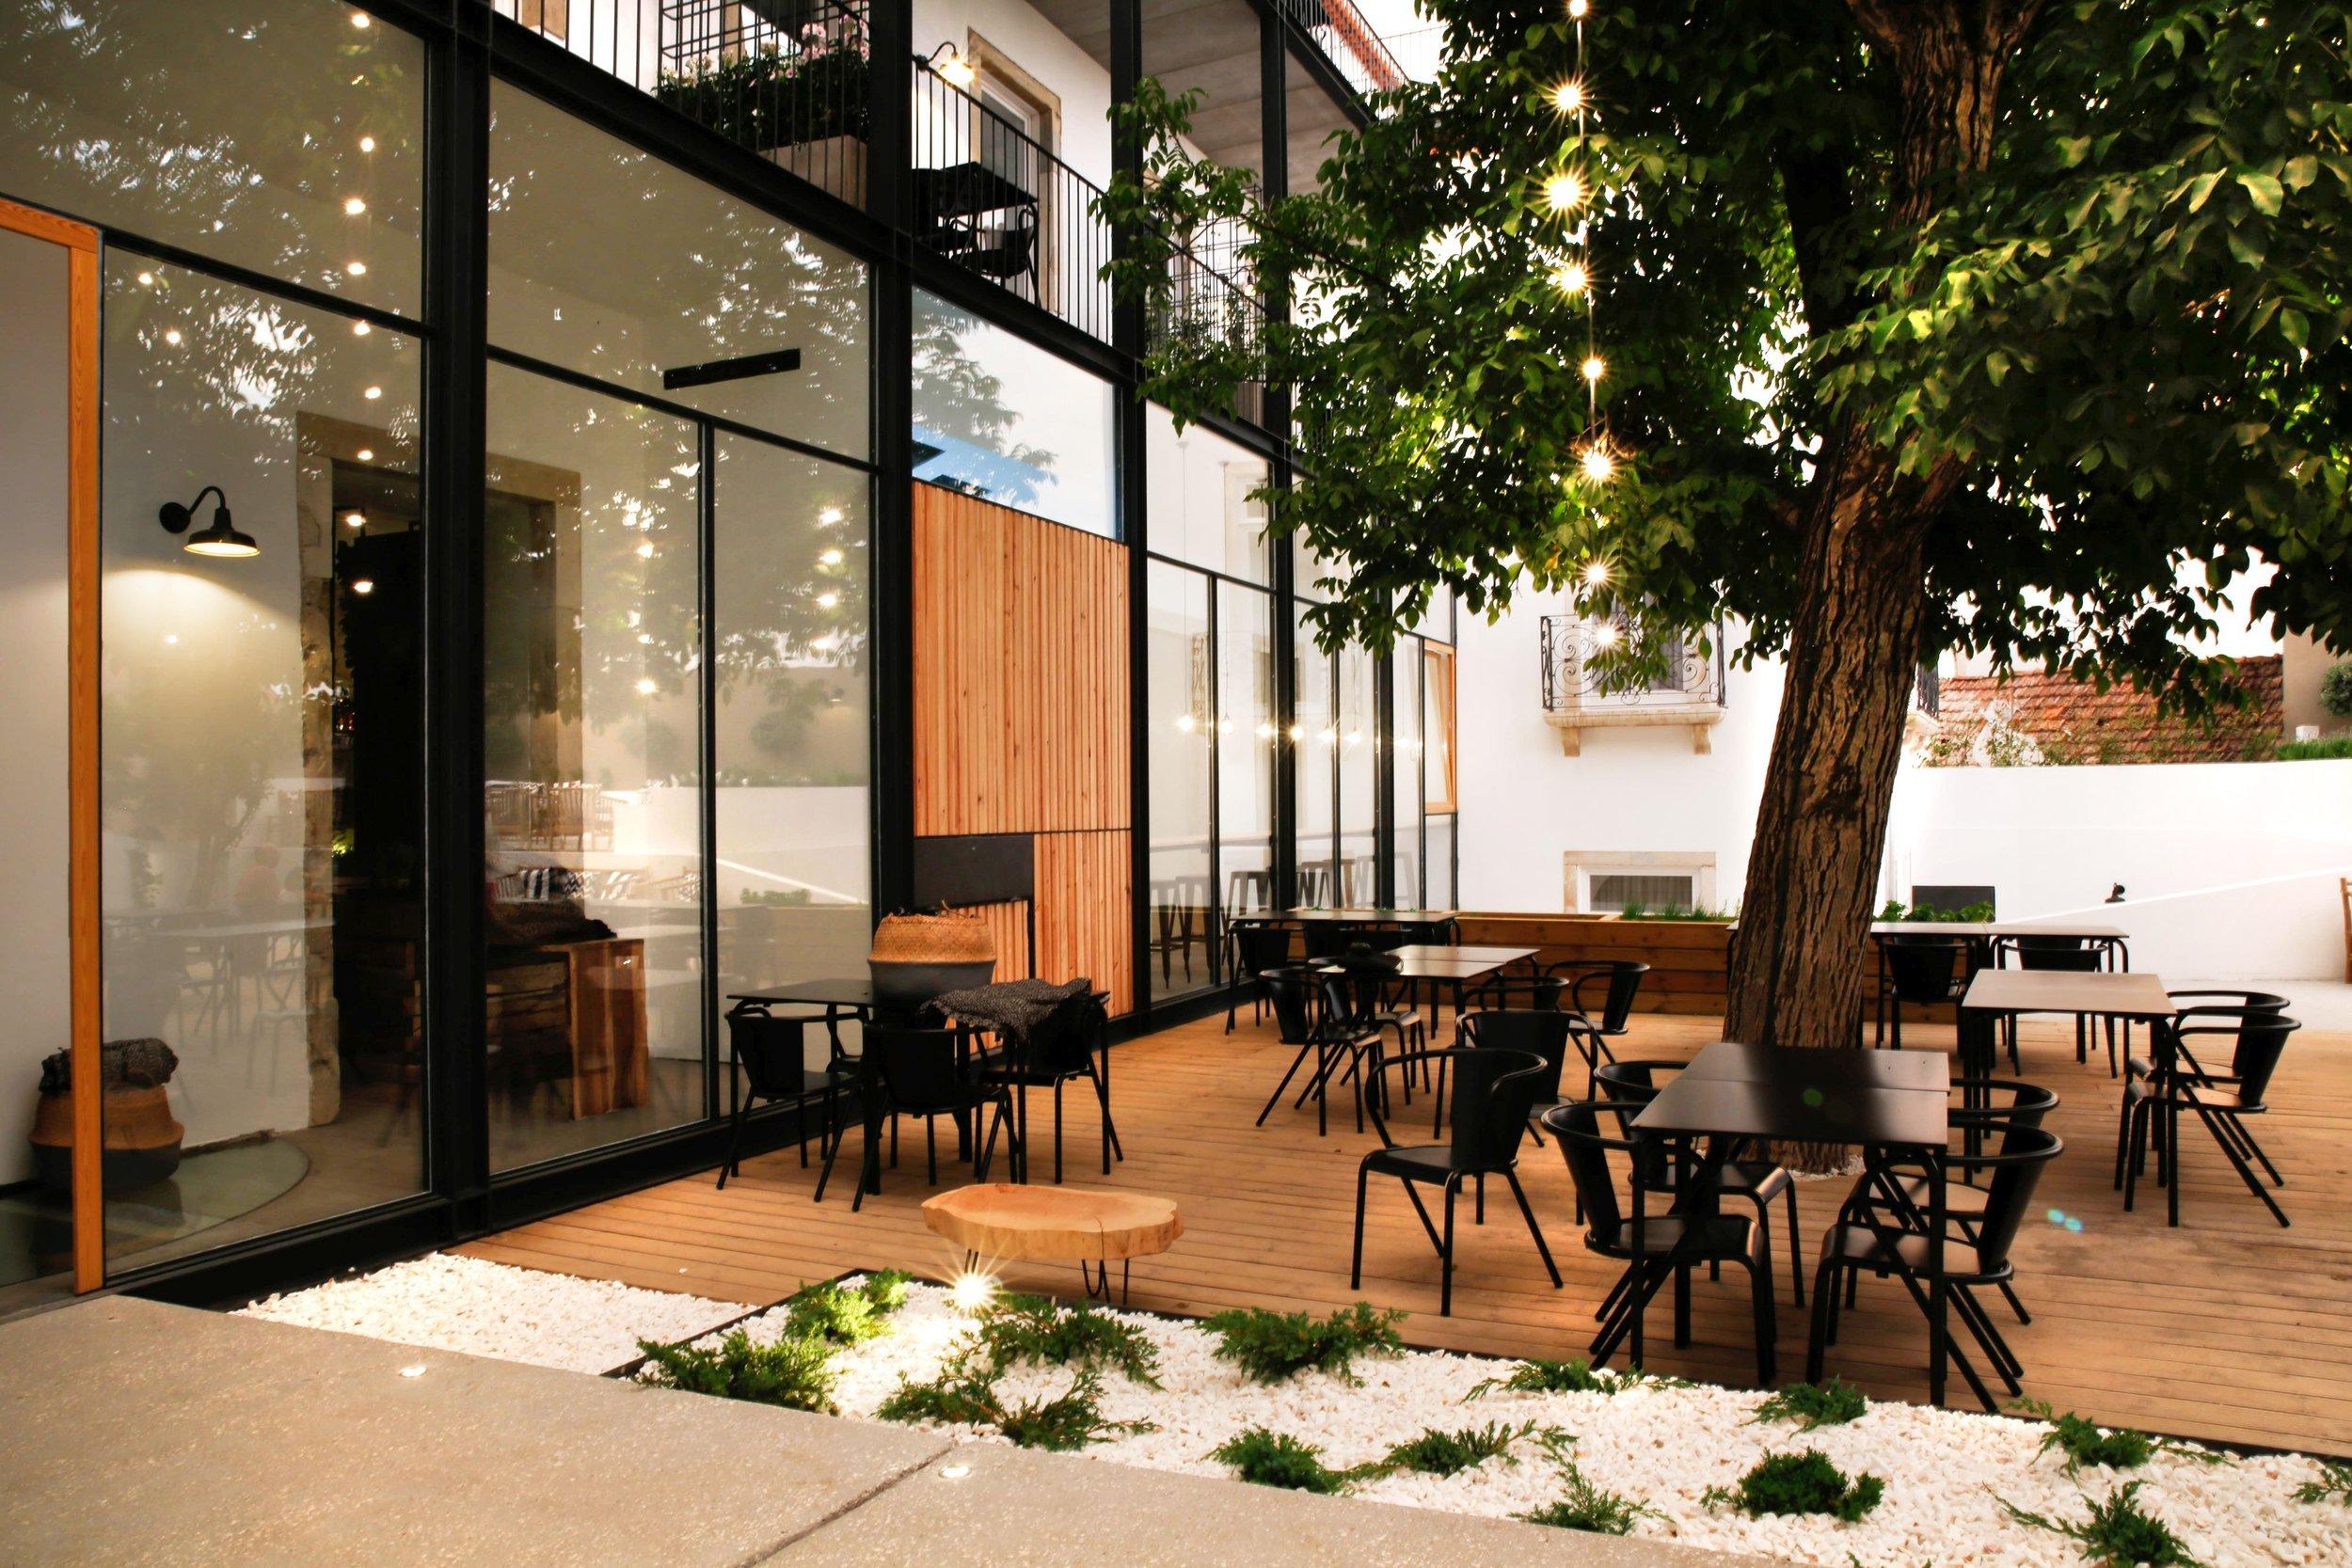 PÁTIO DAS TIAS CAMELLAS - Sapientia Boutique Hotel